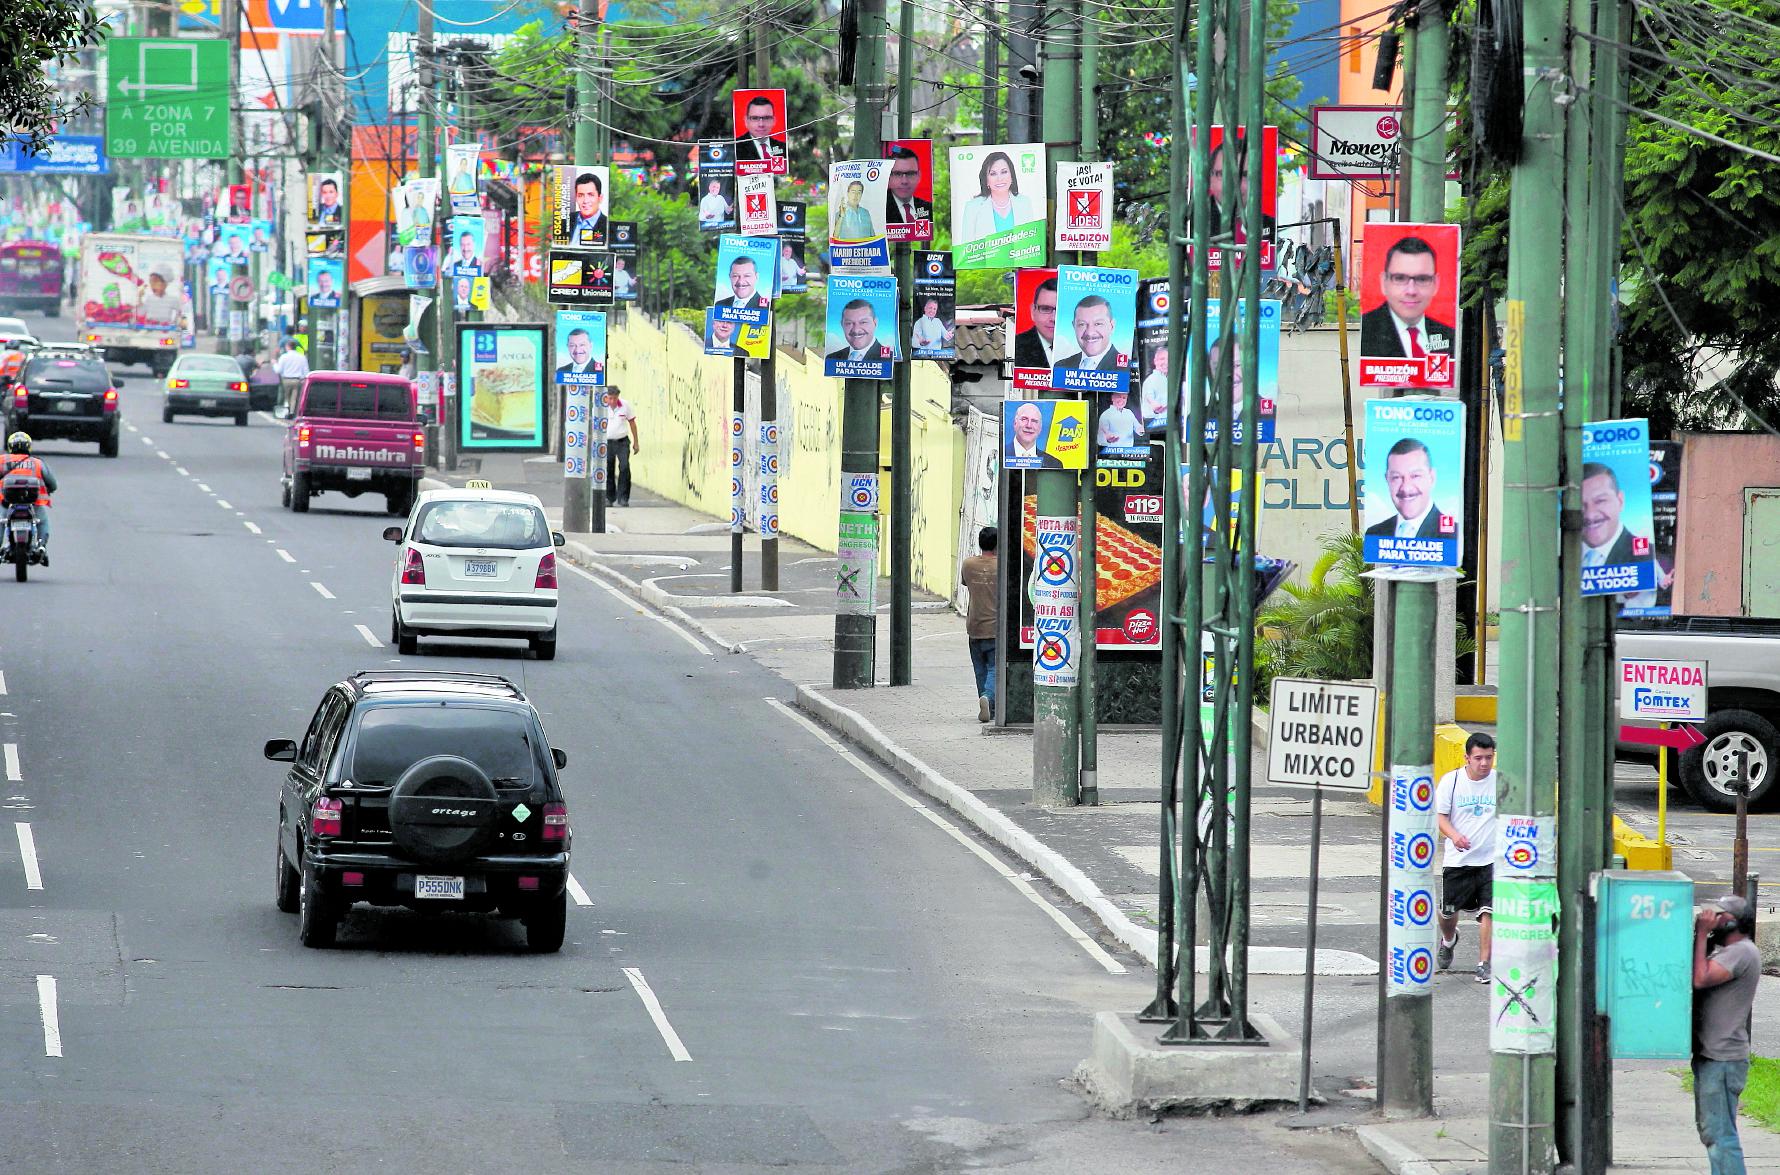 Los partidos políticos han decepcionado a los votantes, aseguran lo obispos. (Foto Prensa Libre: Hemeroteca PL)